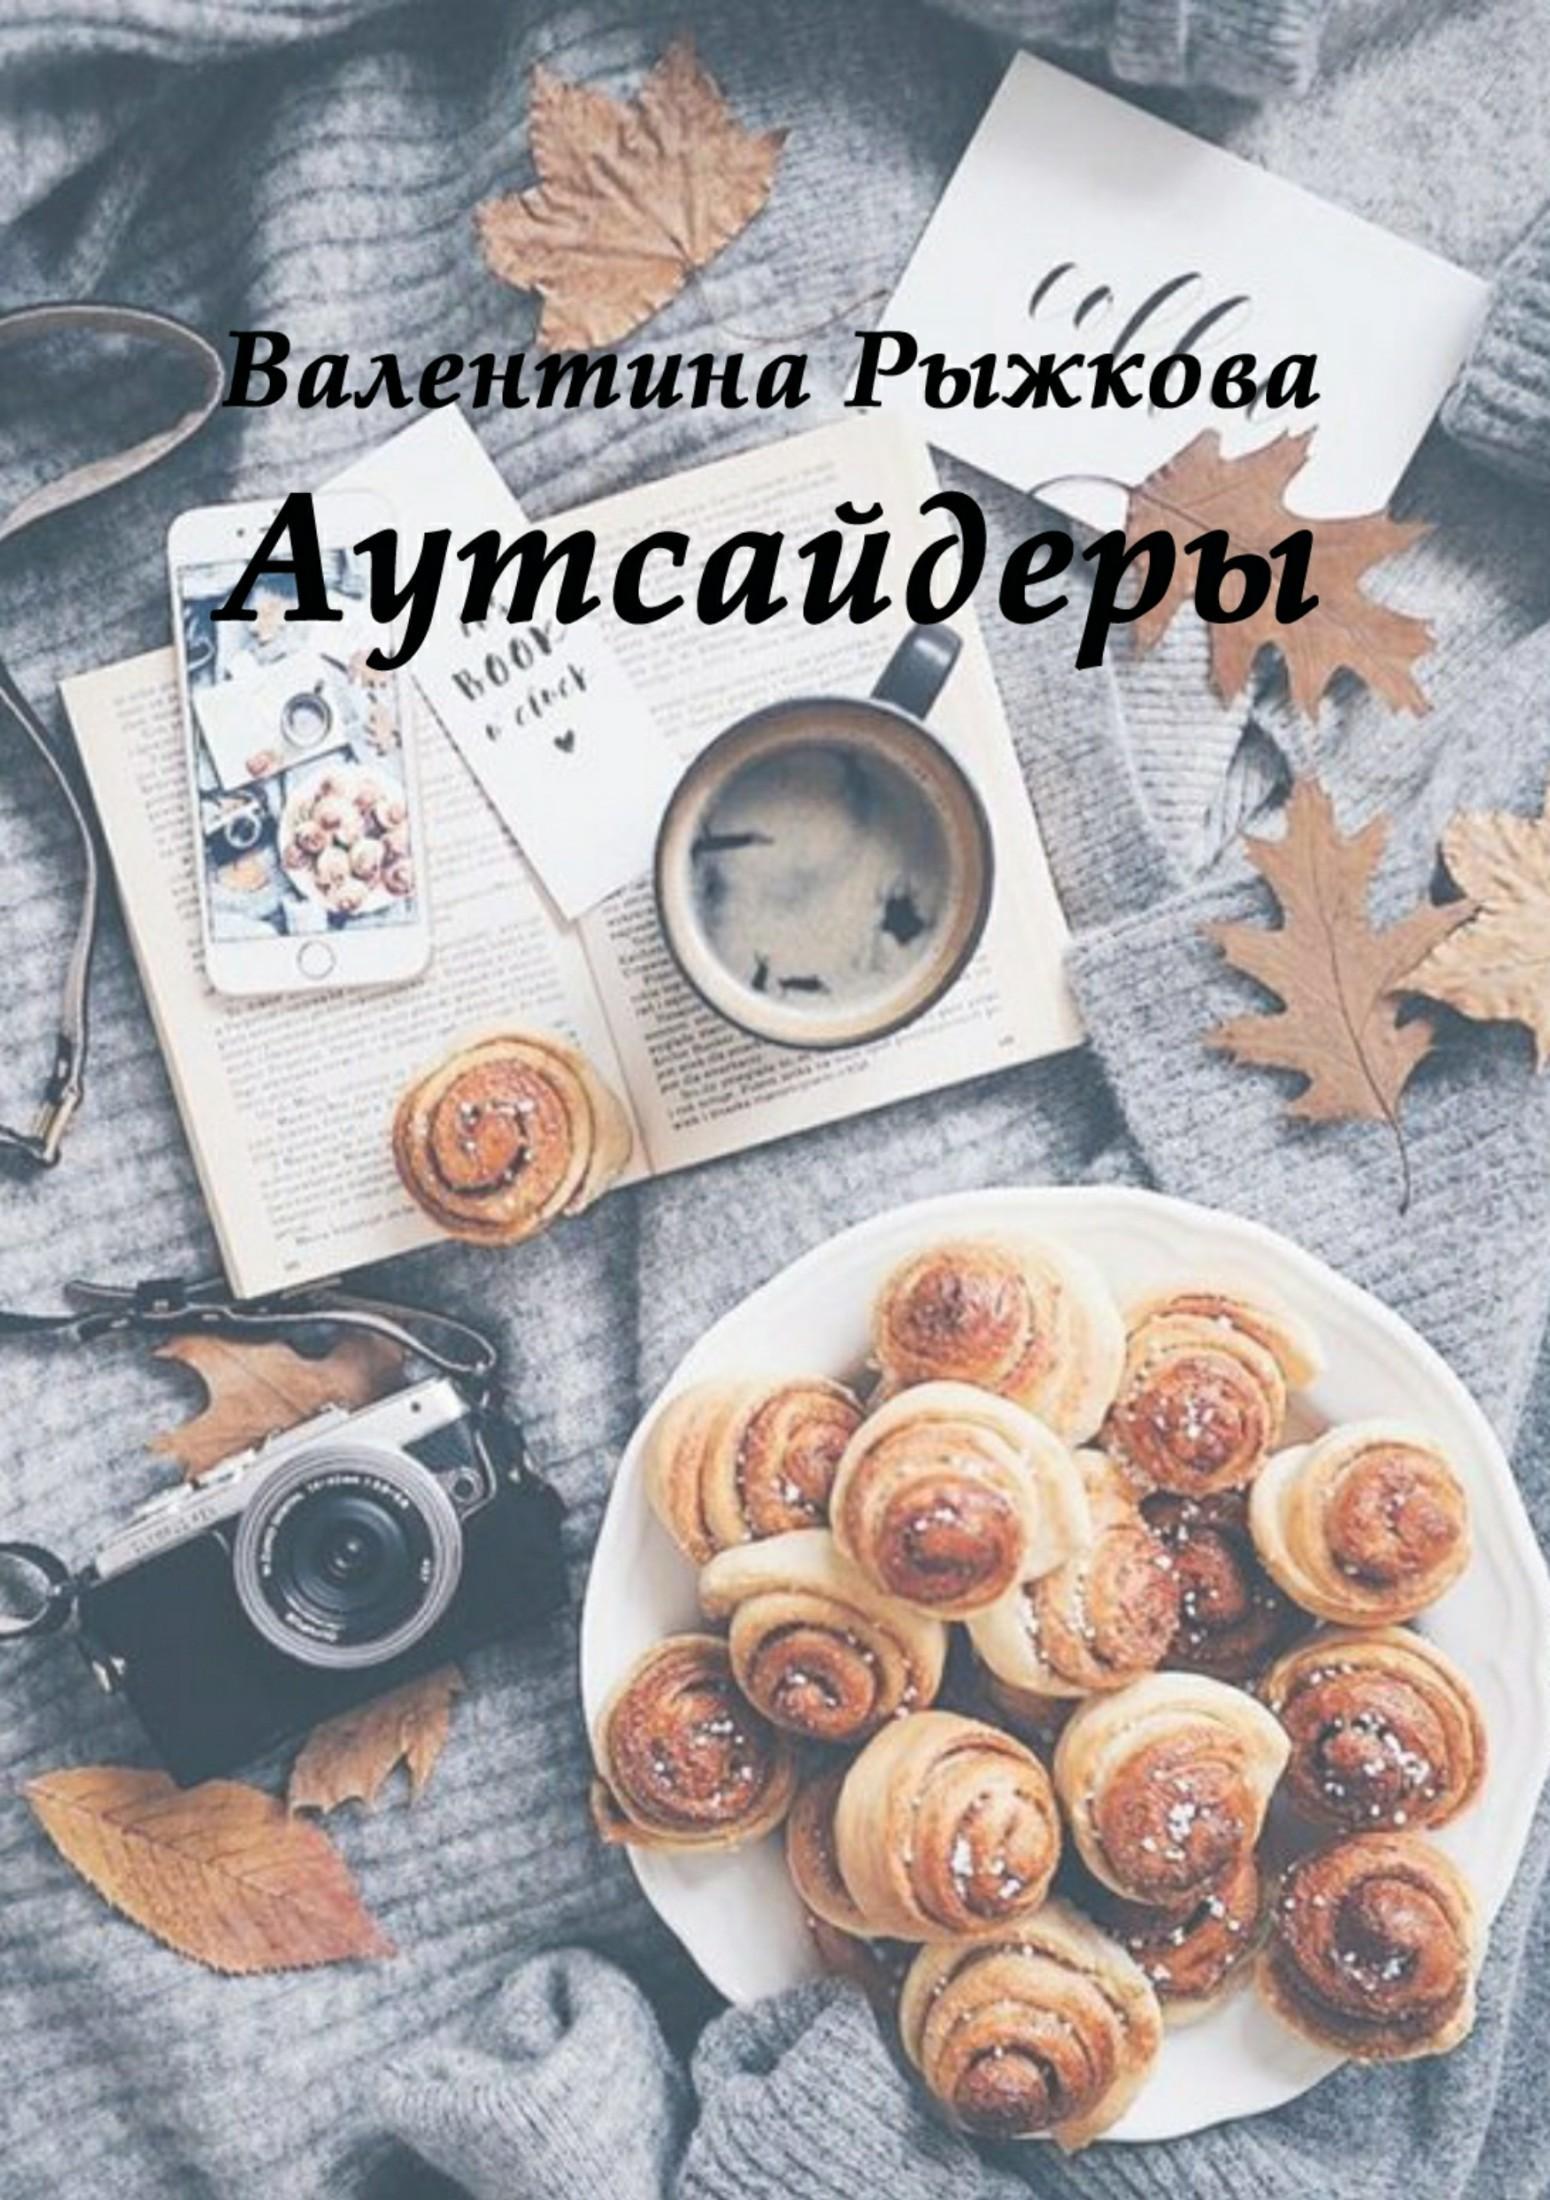 Валентина Ивановна Рыжкова Аутсайдеры